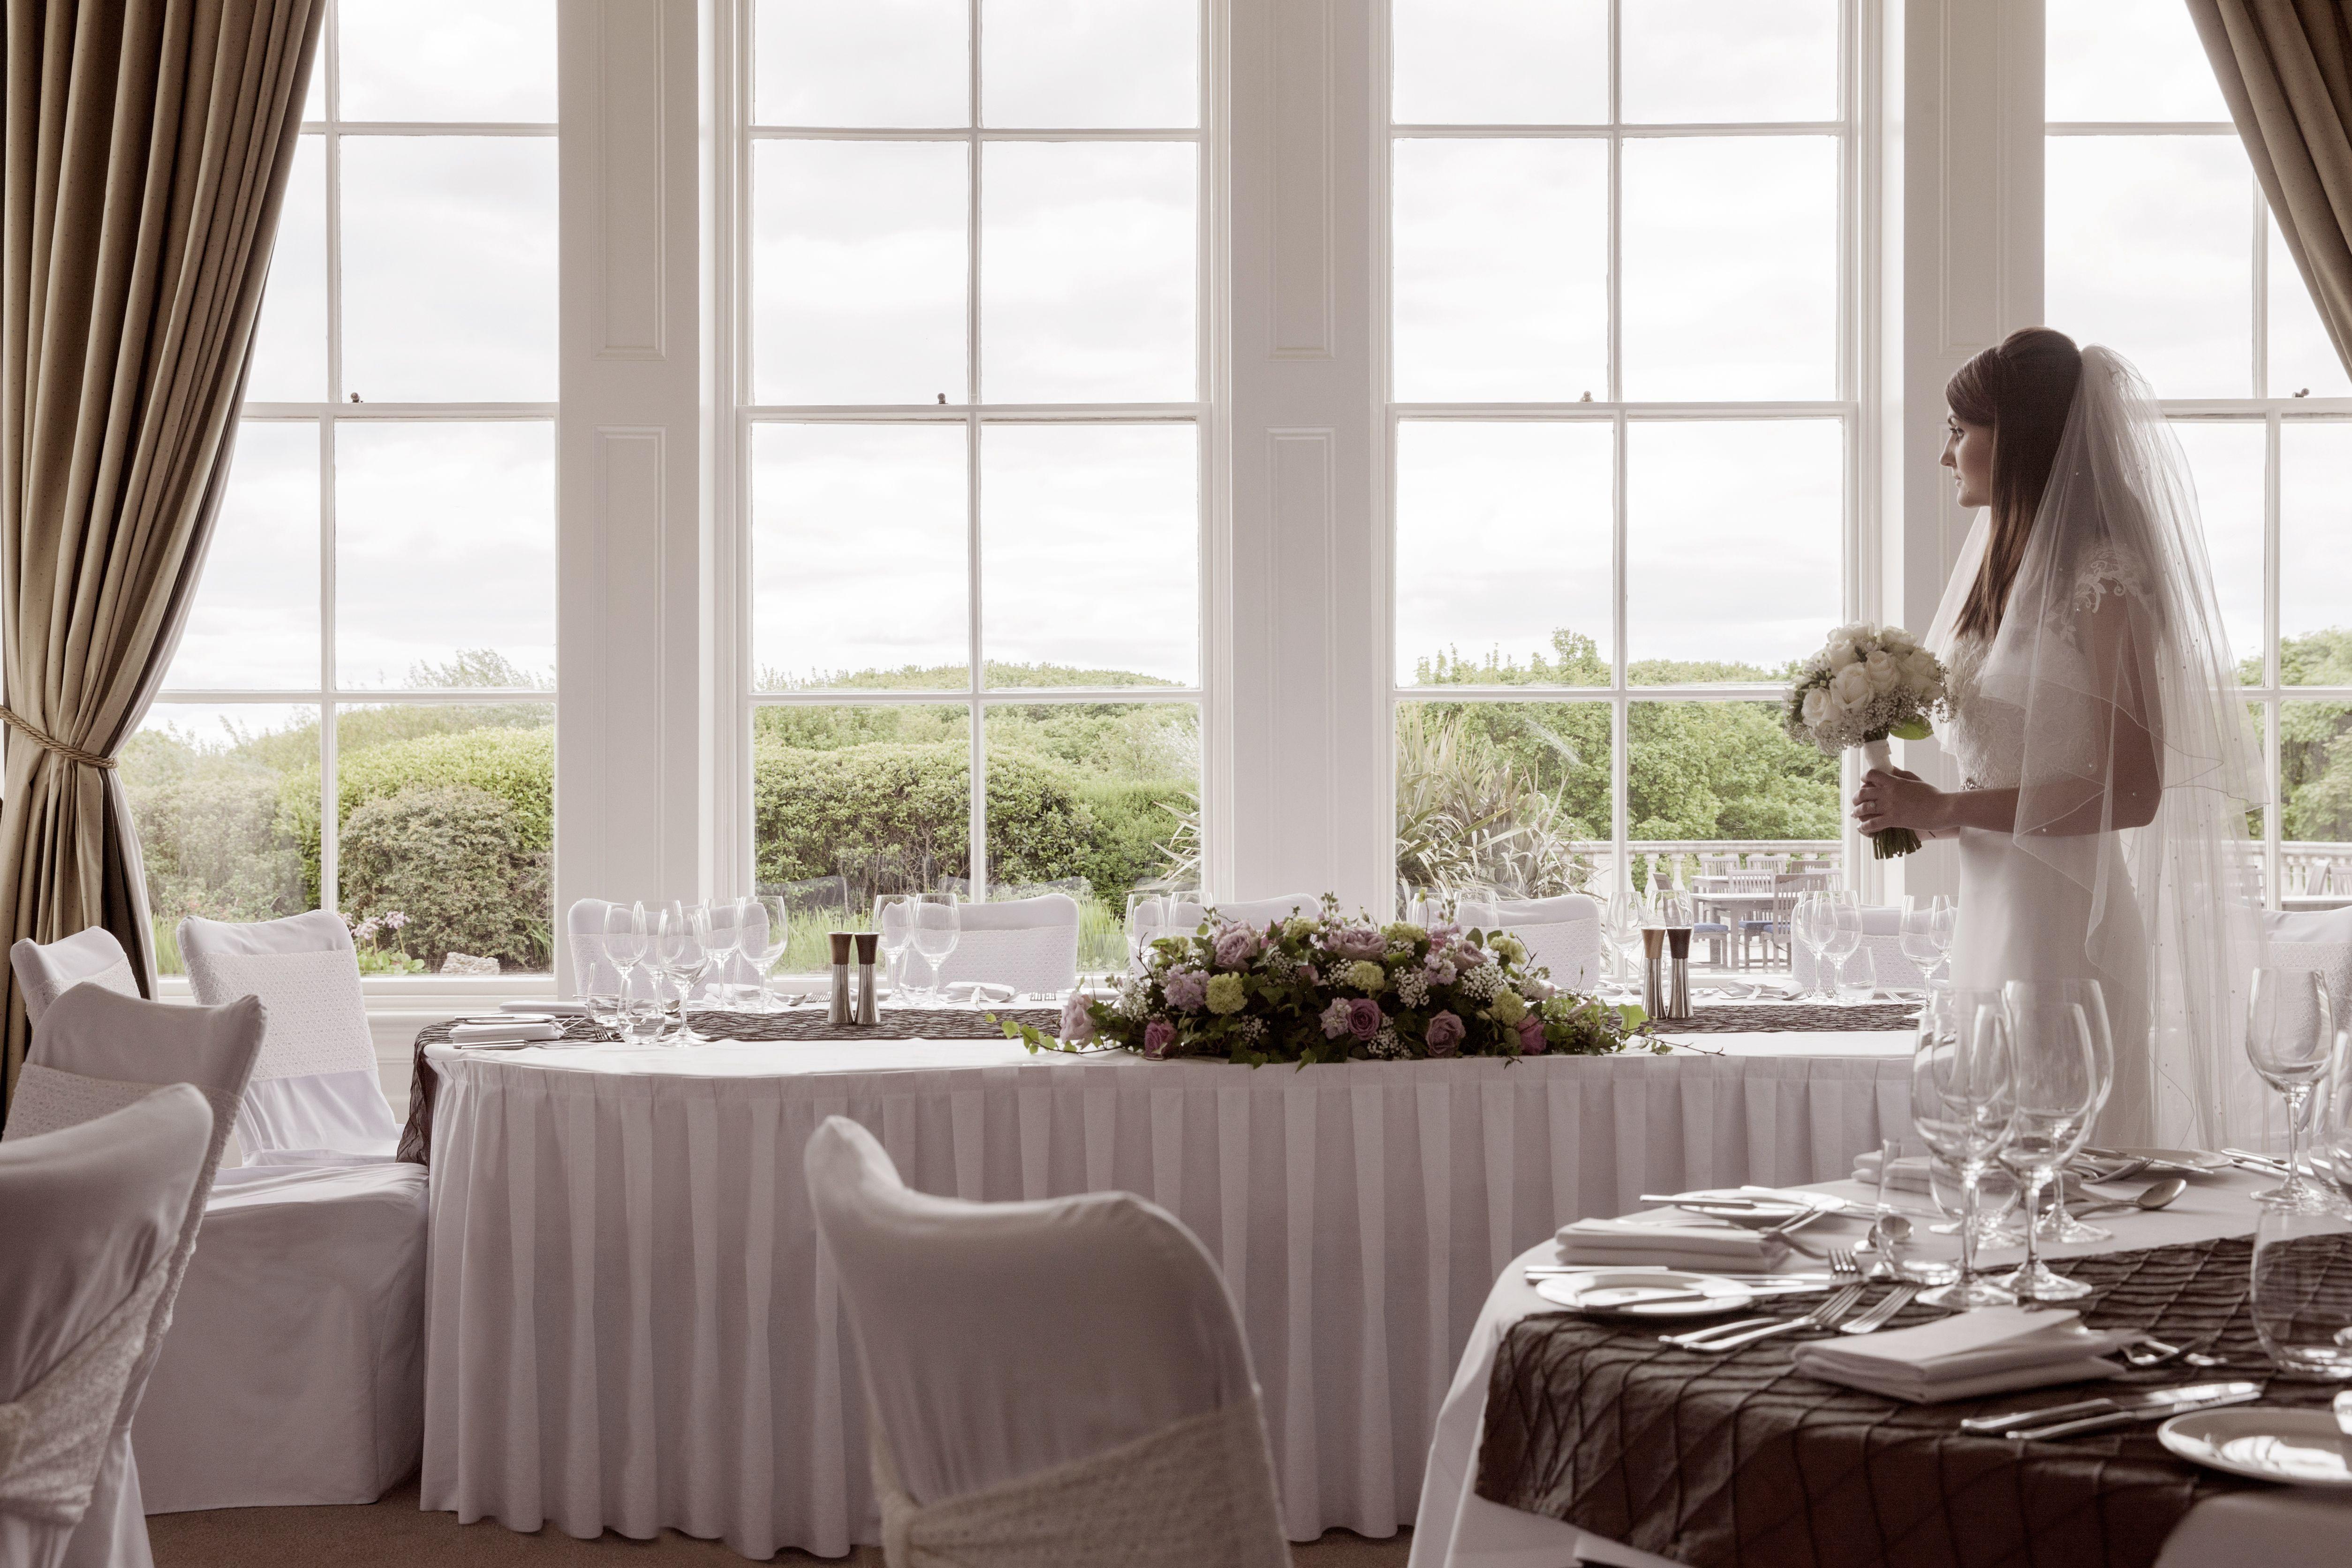 Seaham Hall Weddings Wedding Ideas And Venue Pinterest Seaham